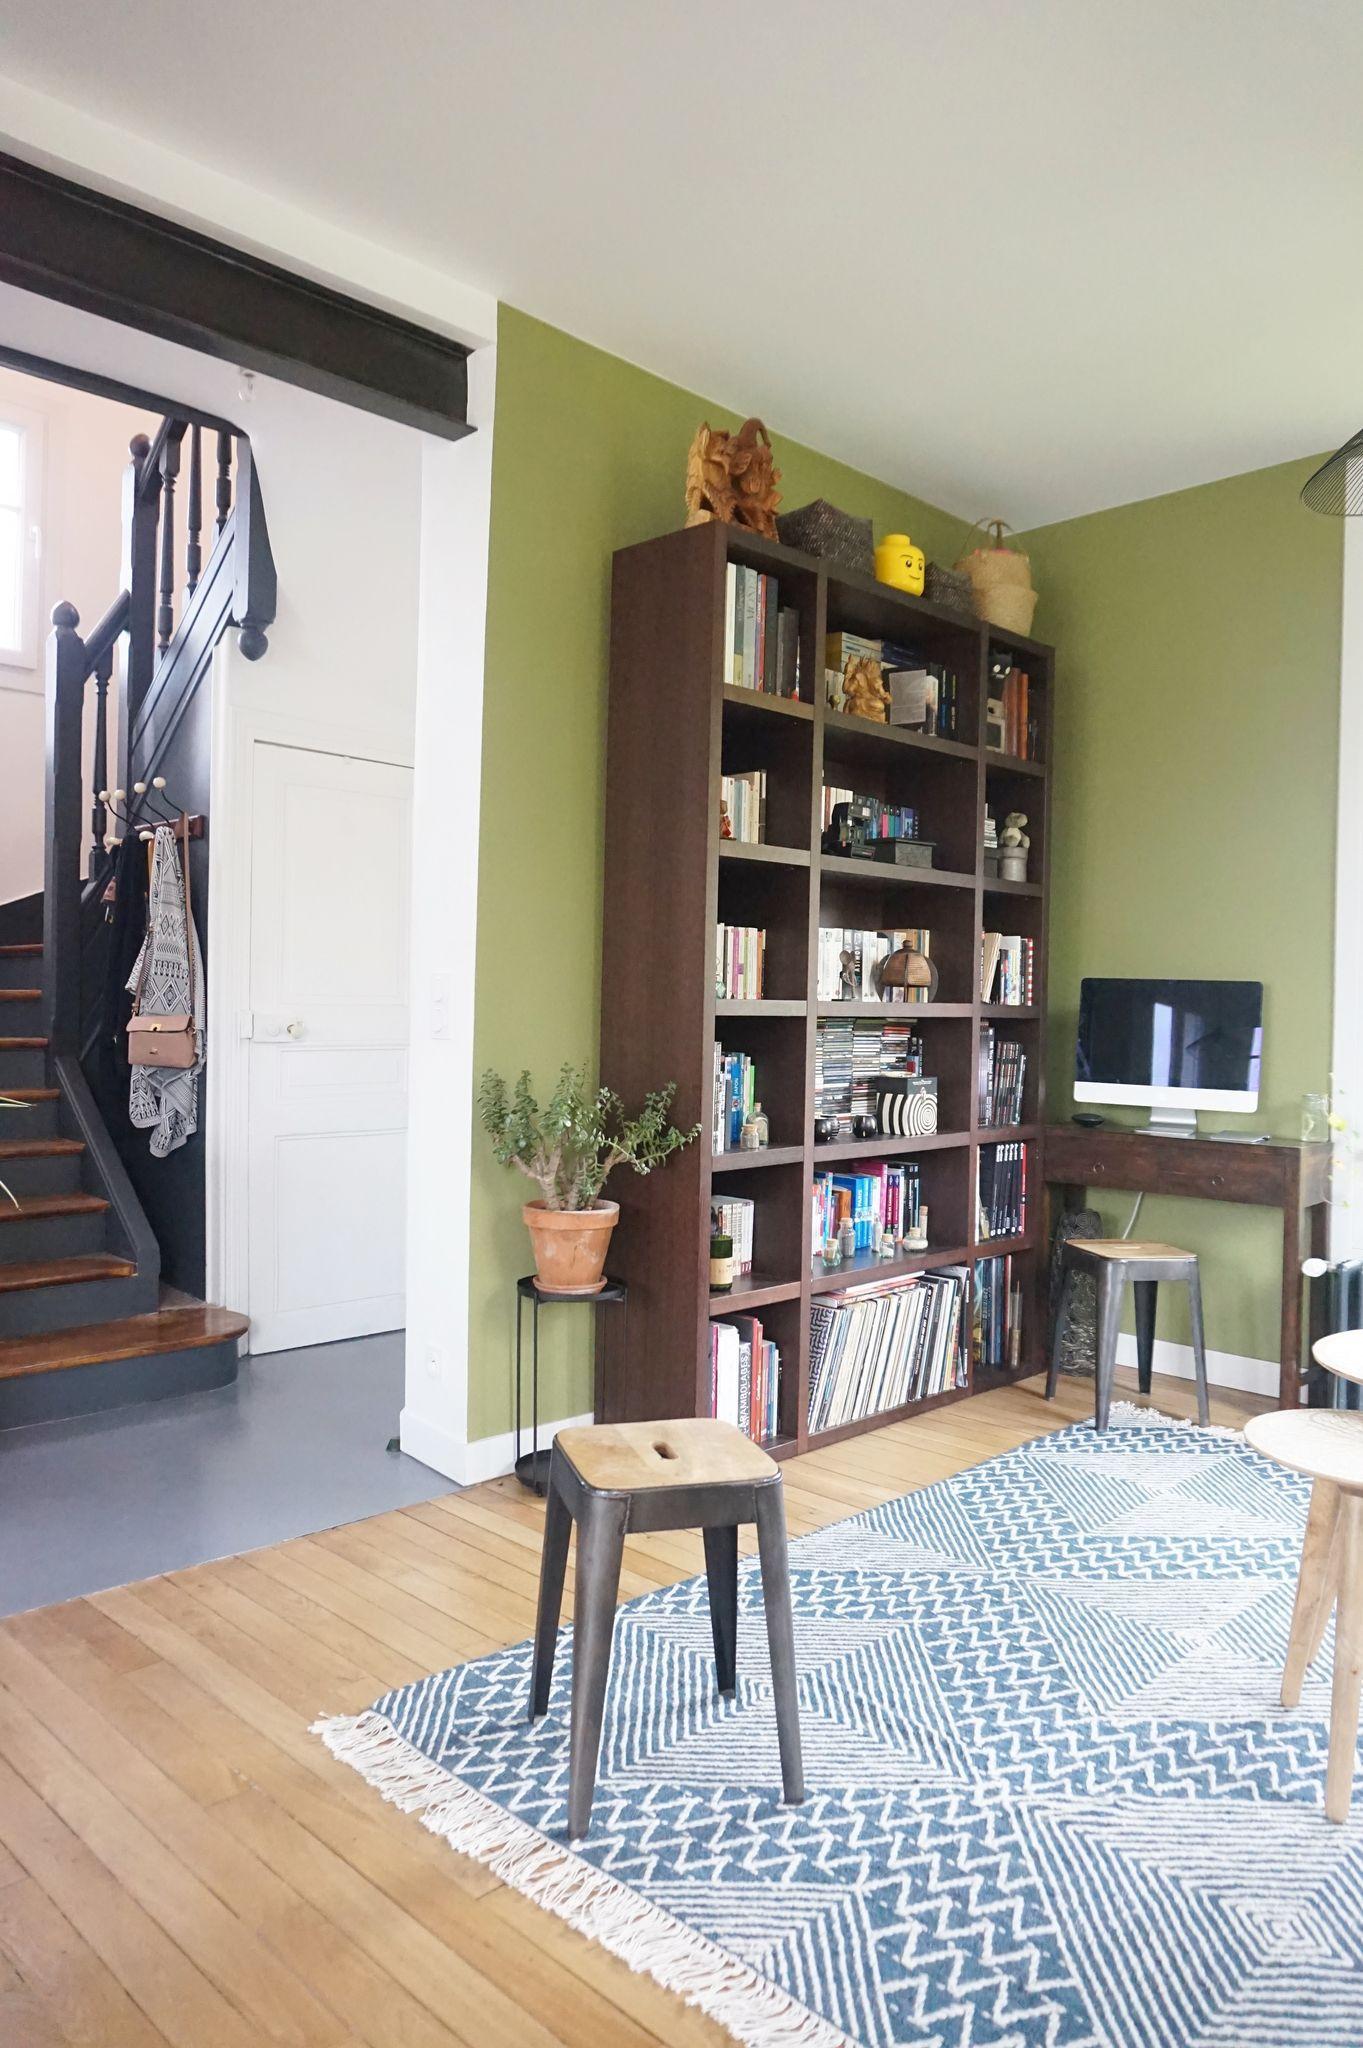 avant apr s la r novation stup fiante d 39 une meuli re dans l 39 essonne page 2 sur 4 des id es. Black Bedroom Furniture Sets. Home Design Ideas